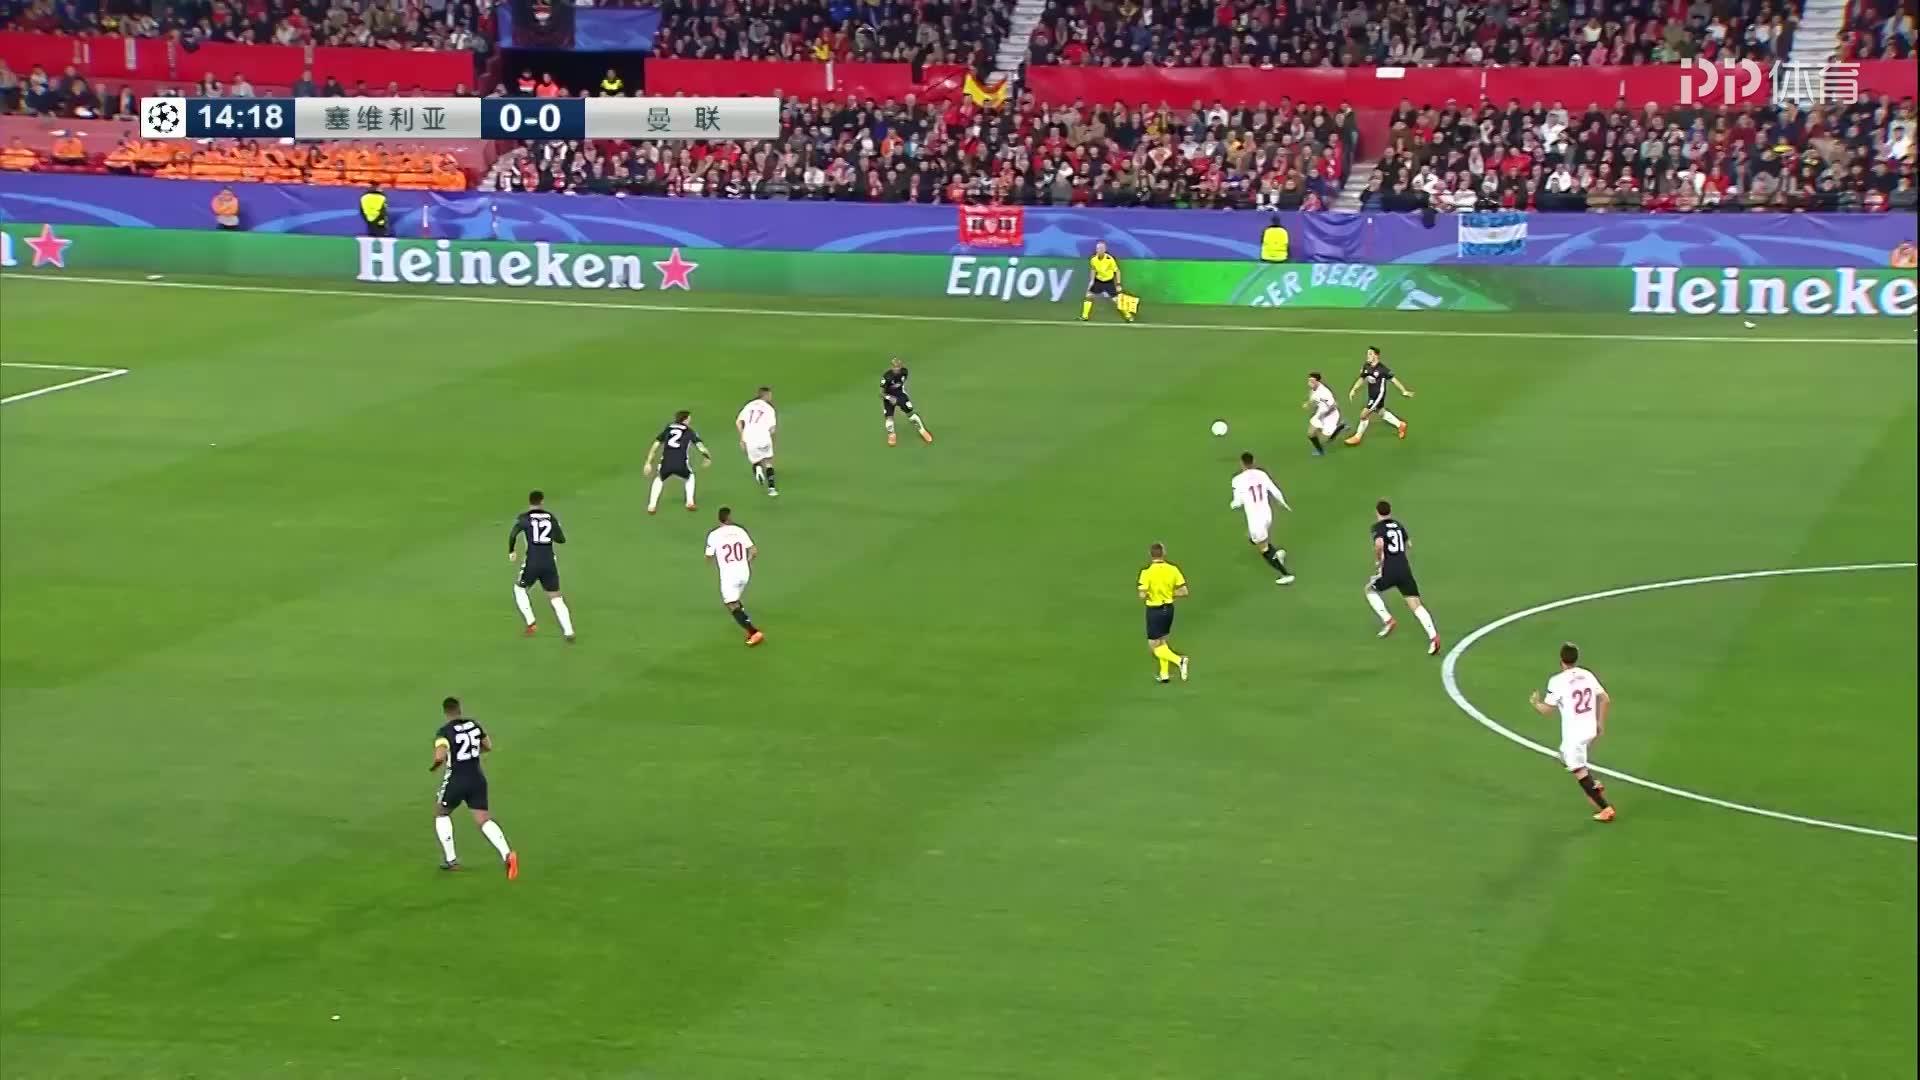 欧冠-1718赛季-淘汰赛-八分之一决赛首回合-塞维利亚0: 0曼联-精华(孙雷 贾天宁